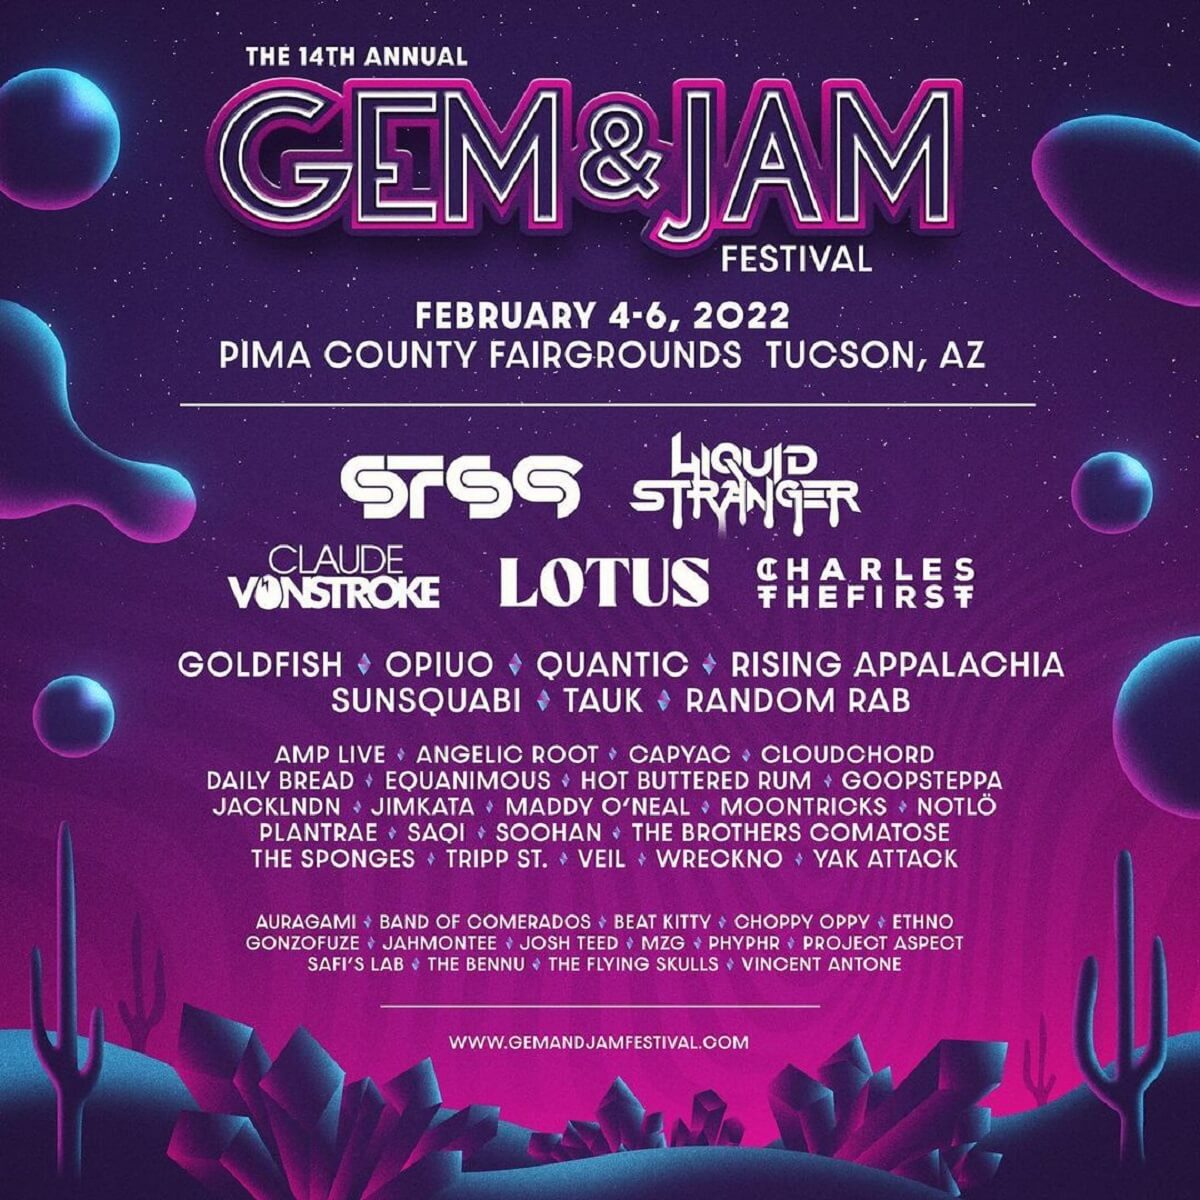 Gem and Jam 2022 Lineup